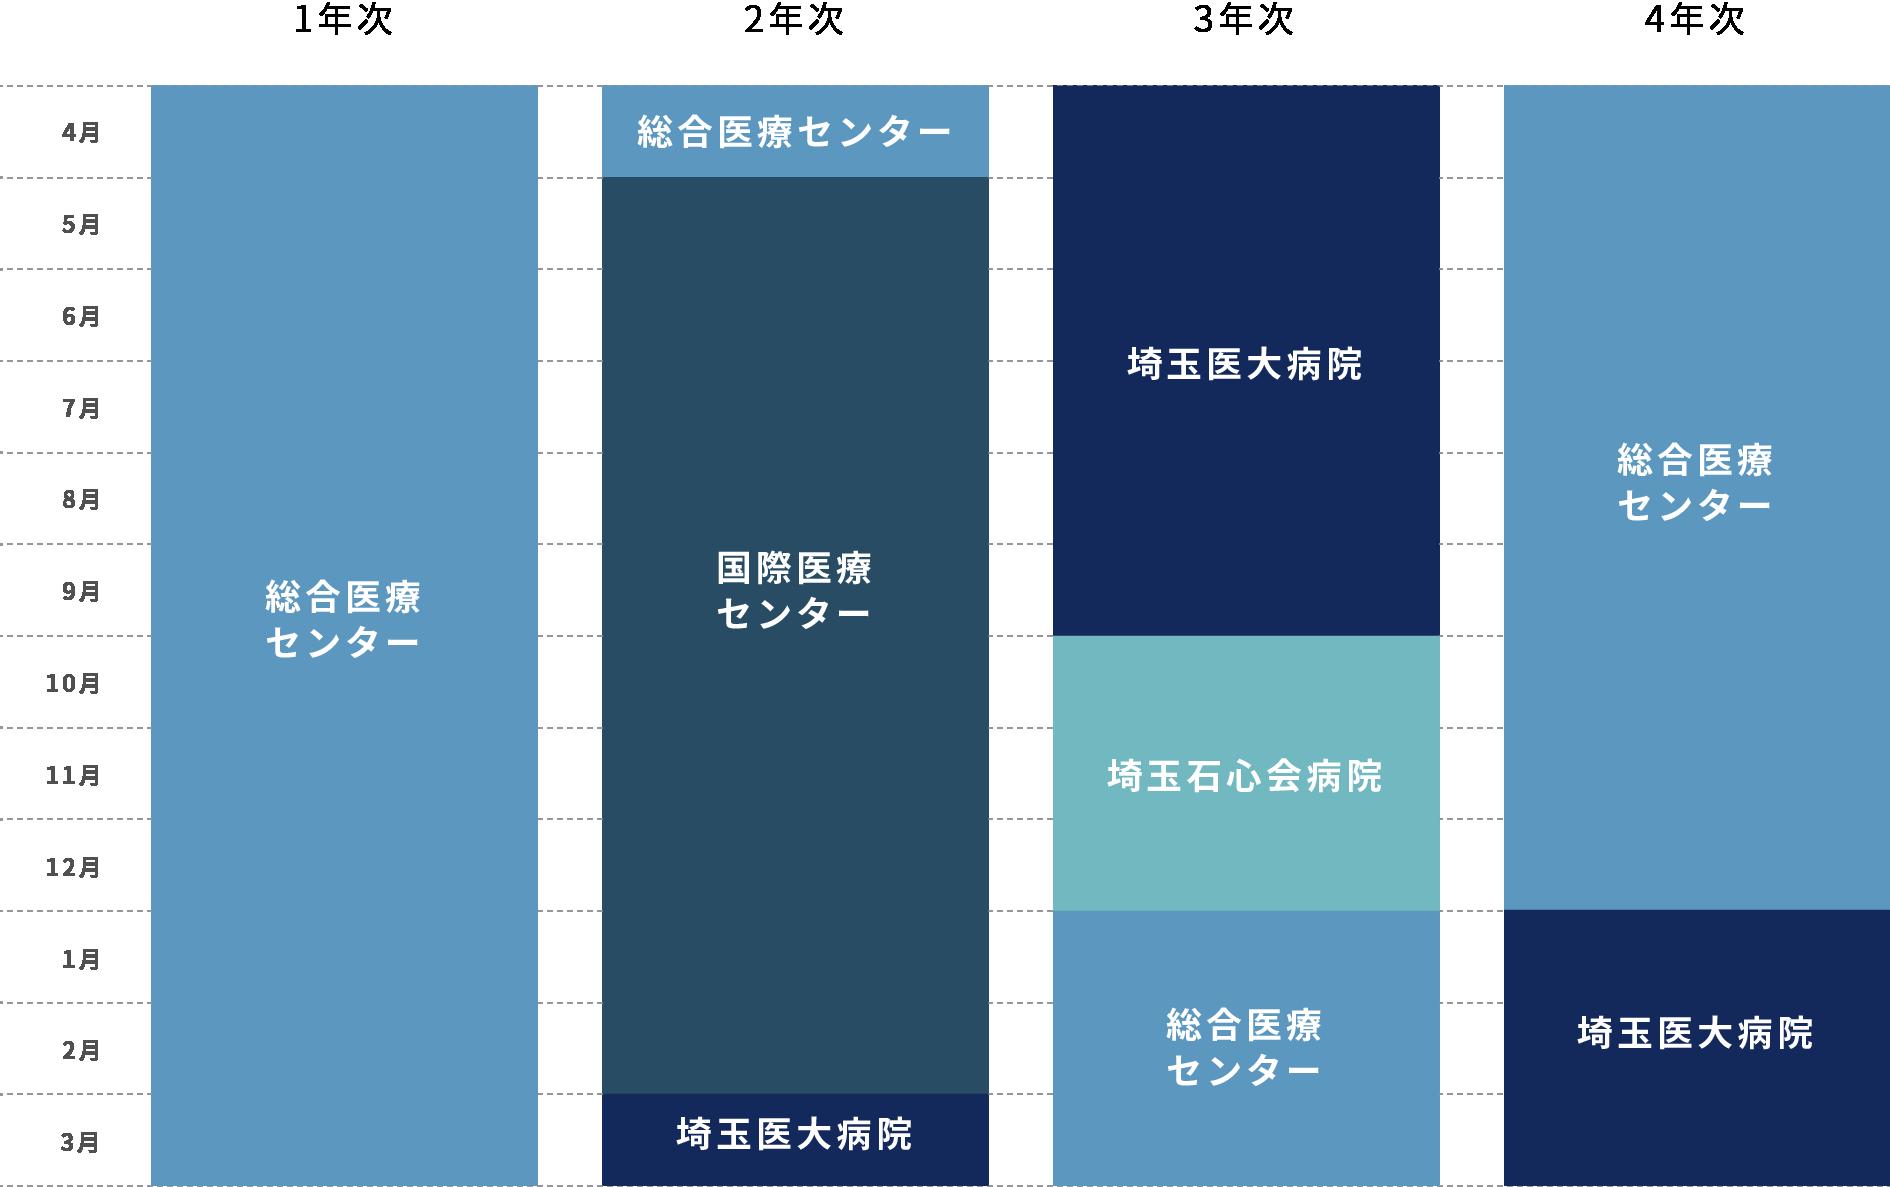 後期研修プログラムのモデルコース 埼玉医大3病院ローテーションの図